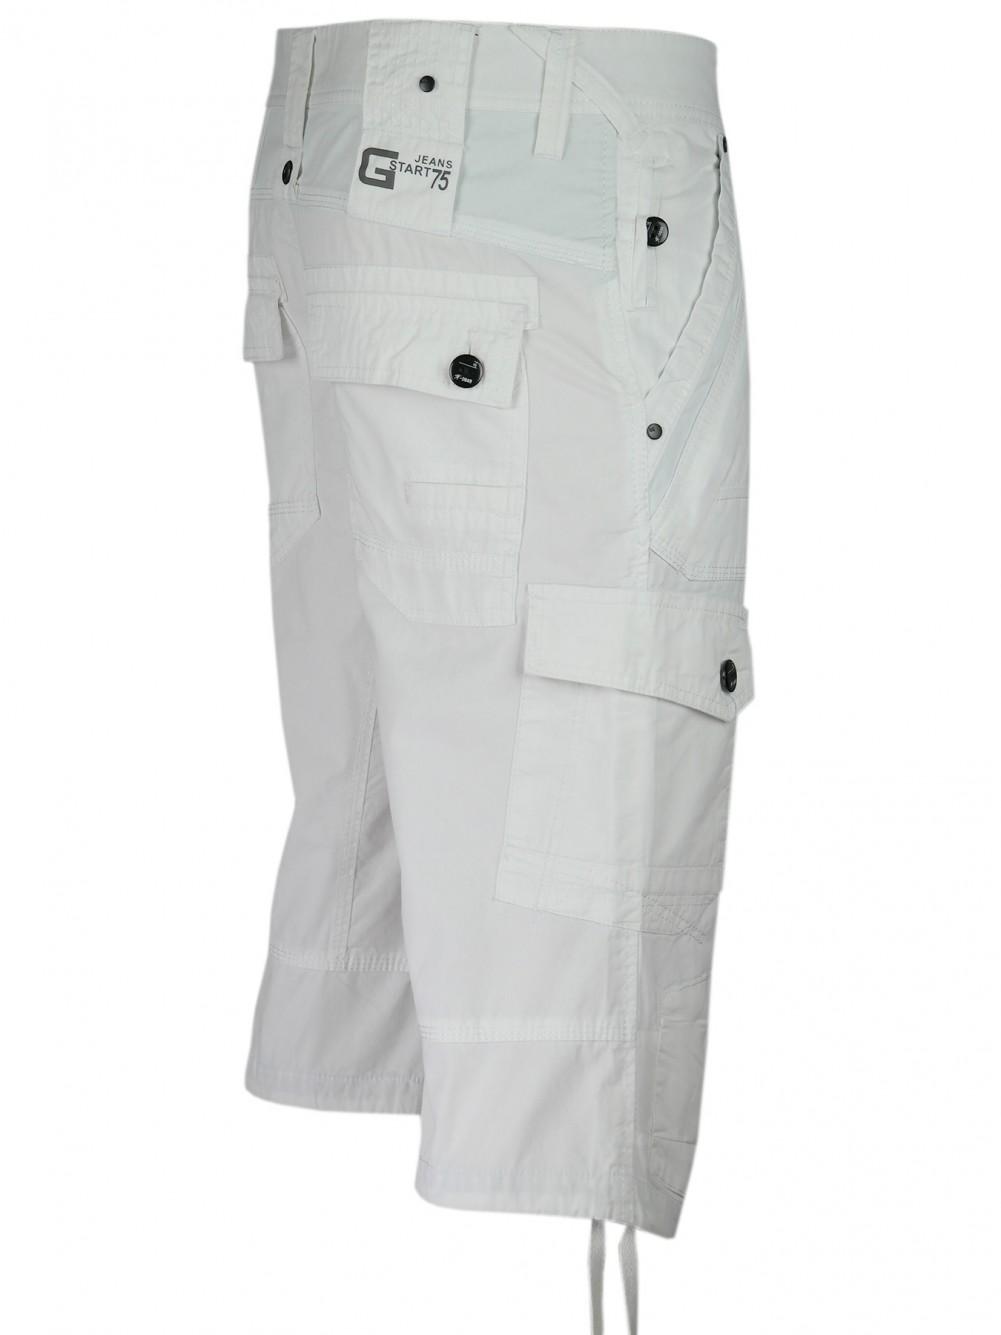 Herren Cargo-Bermudas in Capri Jeans-Style 100% Baumwolle - Weiss/Seitenansicht